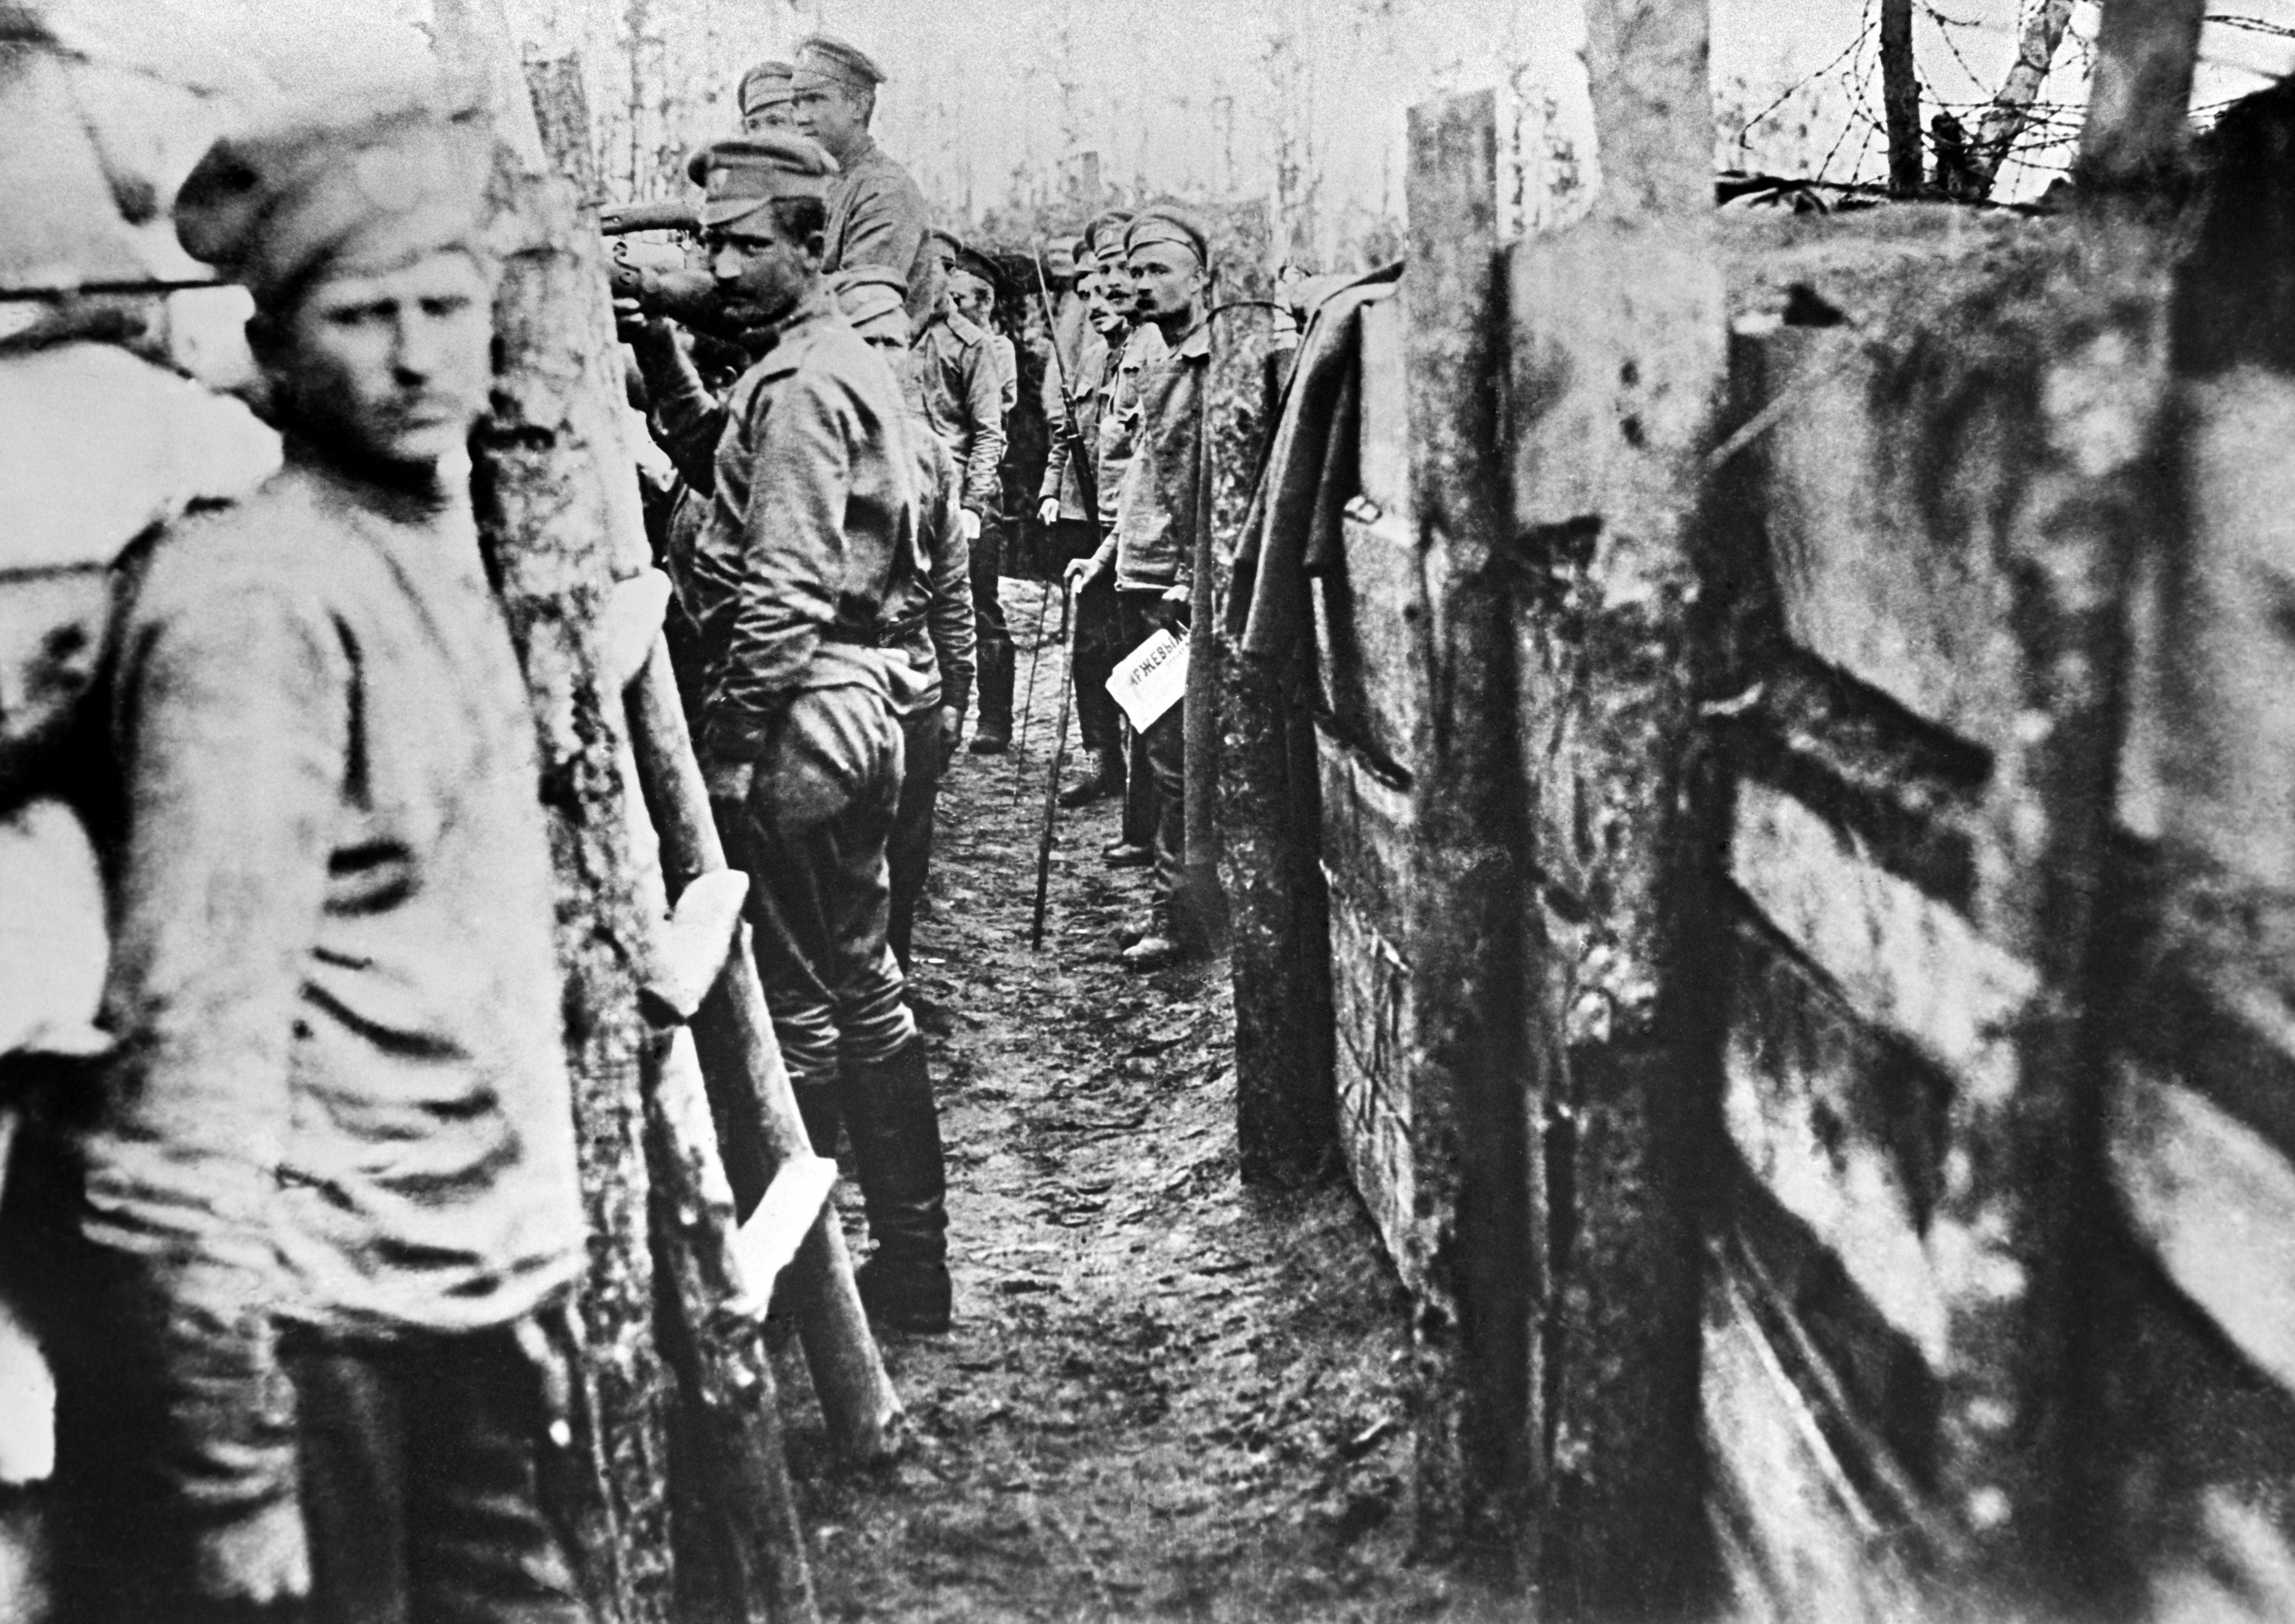 Un siglo después del inicio de la contienda, las misivas son una muestra del sufrimiento y el horror. Fuente: Ria Novosti